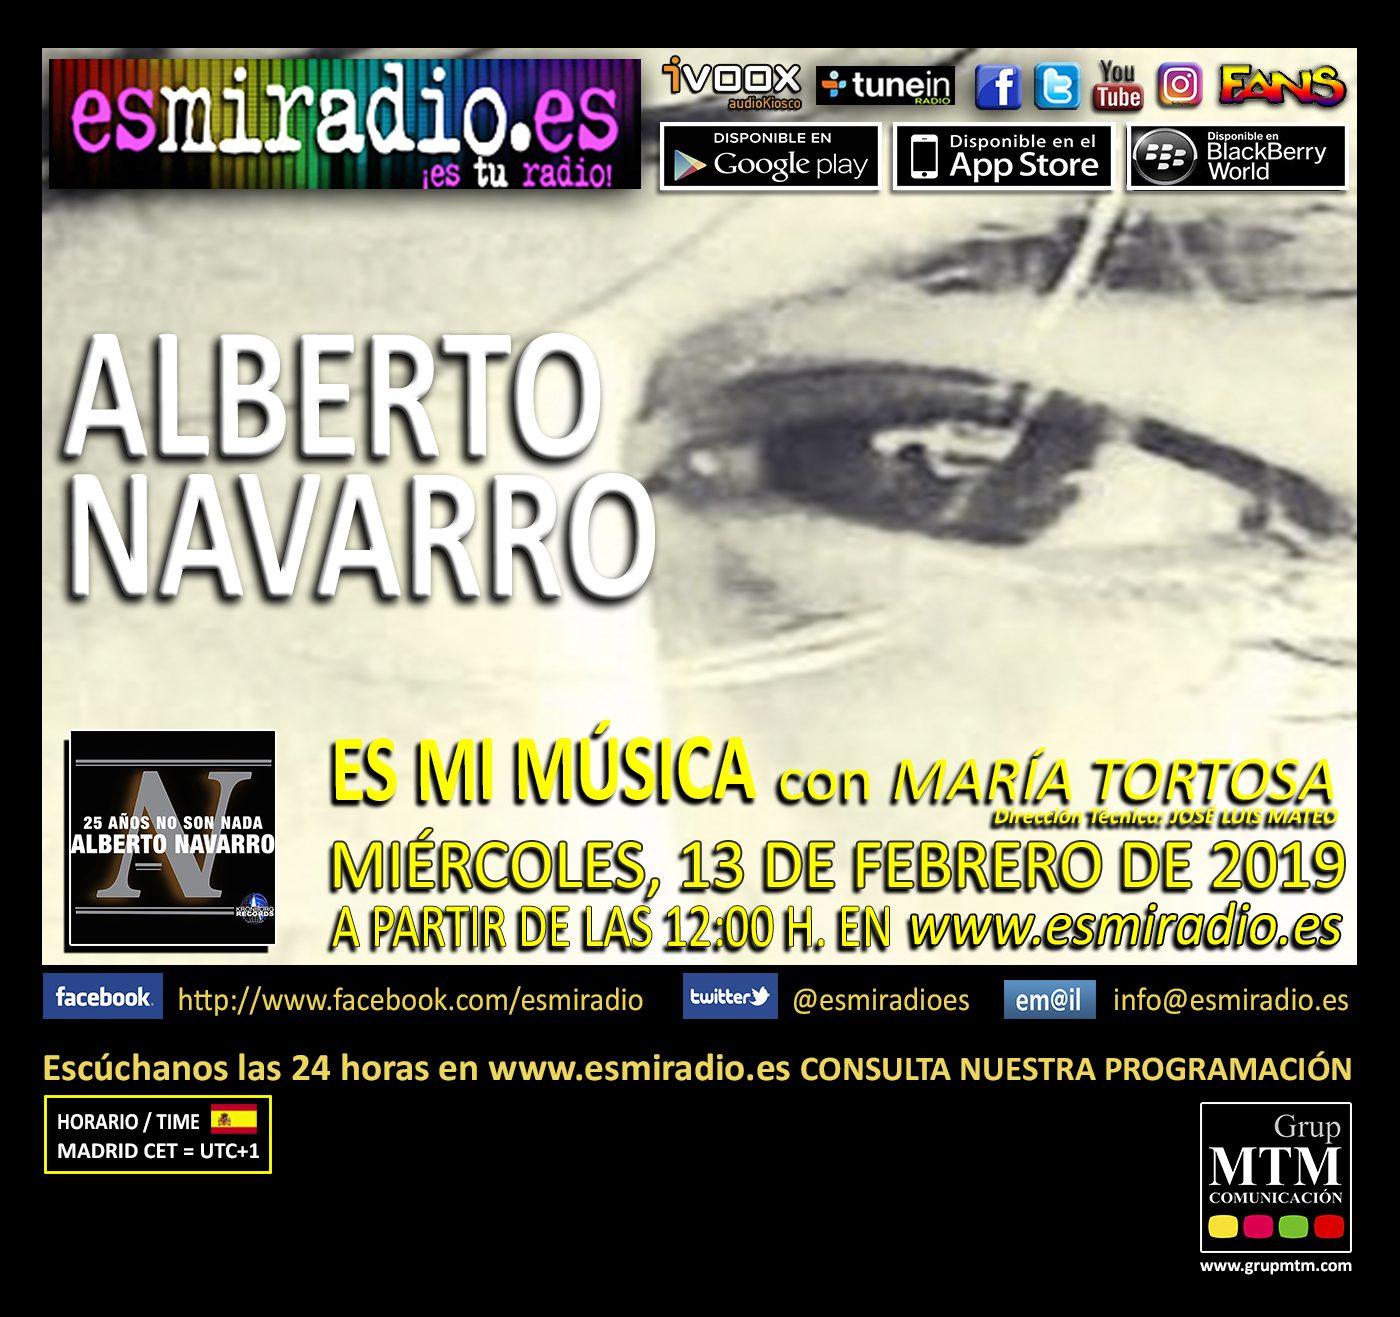 Alberto Navarro 130219 esmiradio - 12h